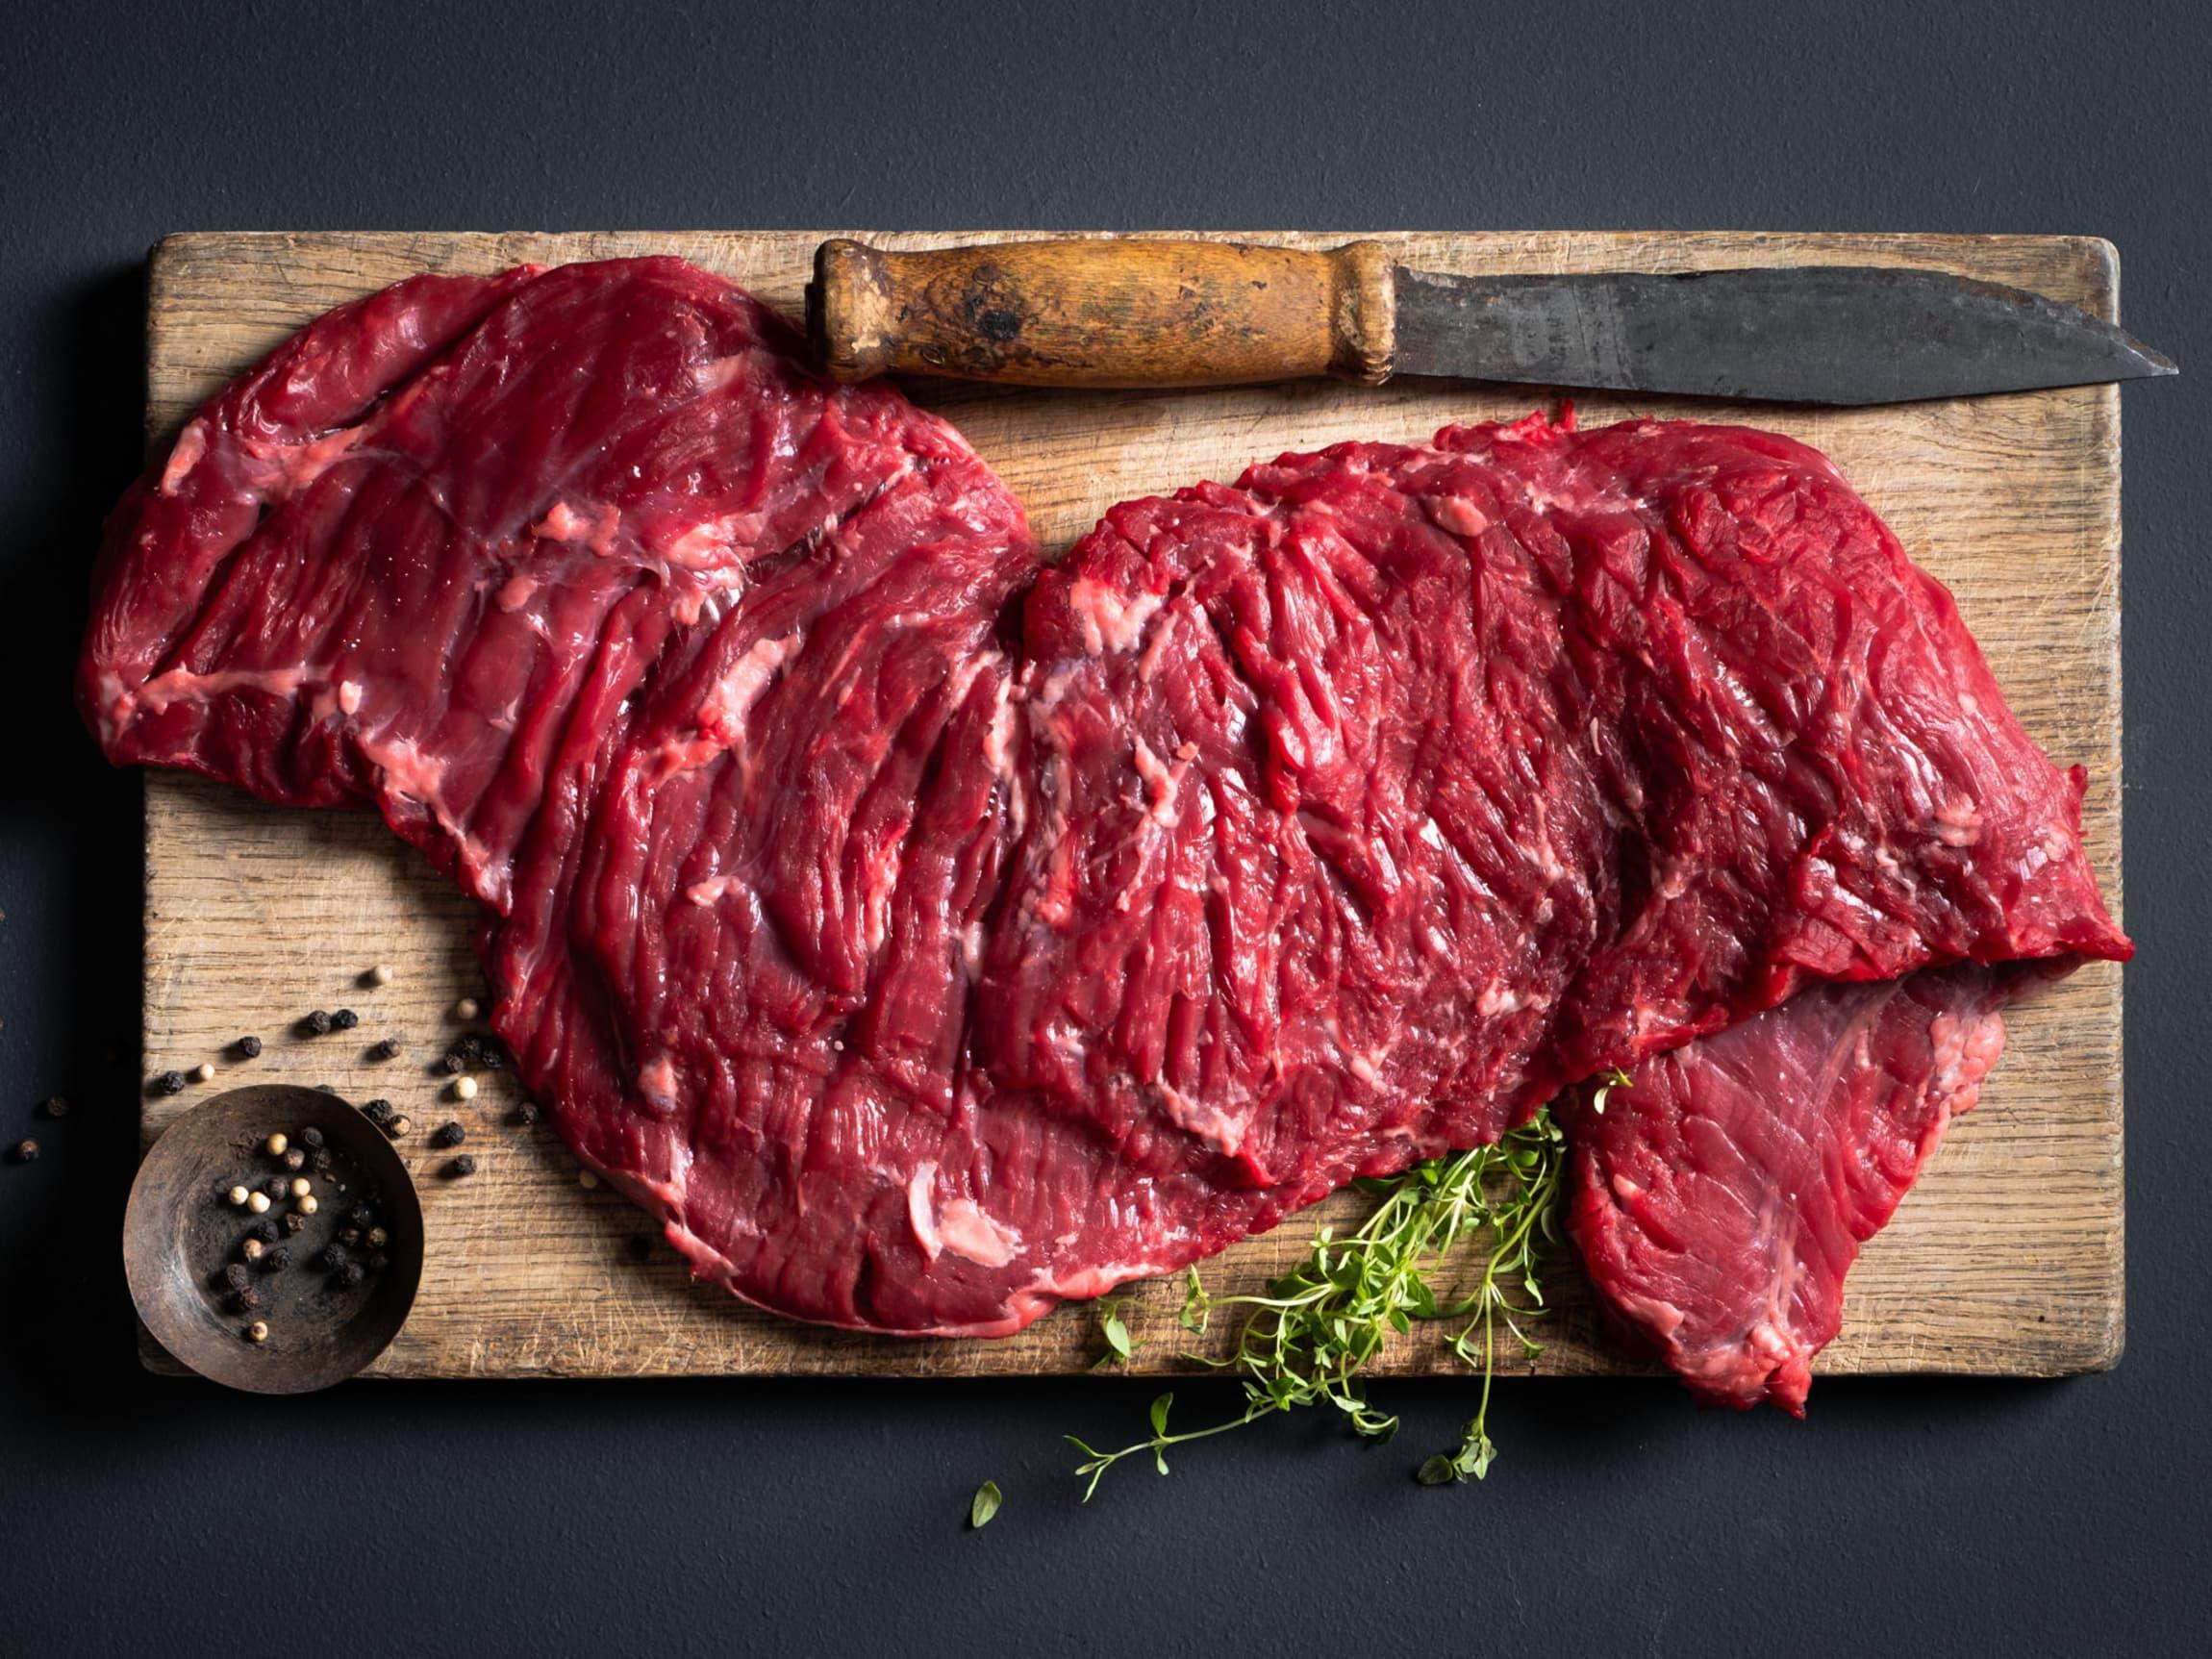 Slik blir kjøttet mørt og saftig